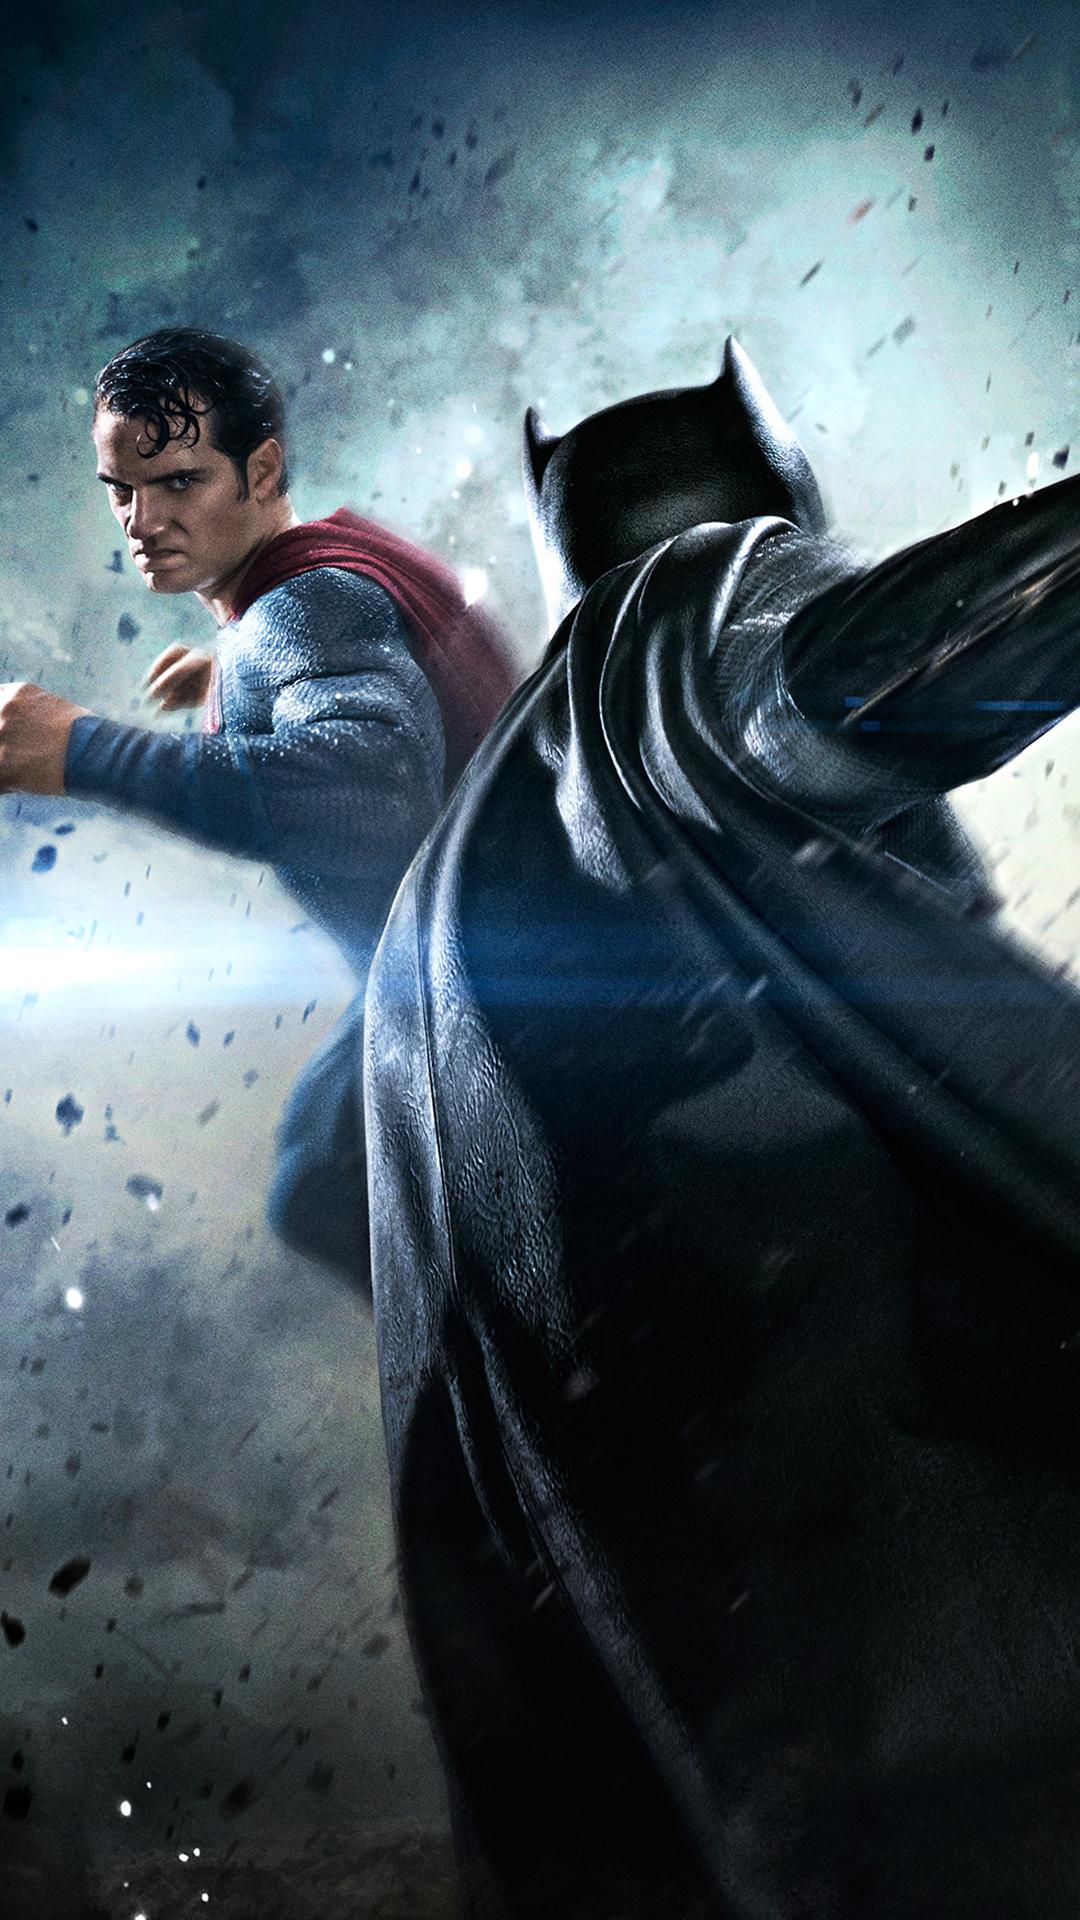 Batman vs Superman Movie Fight iPhone 6 Plus HD Wallpaper iPod 1080x1920